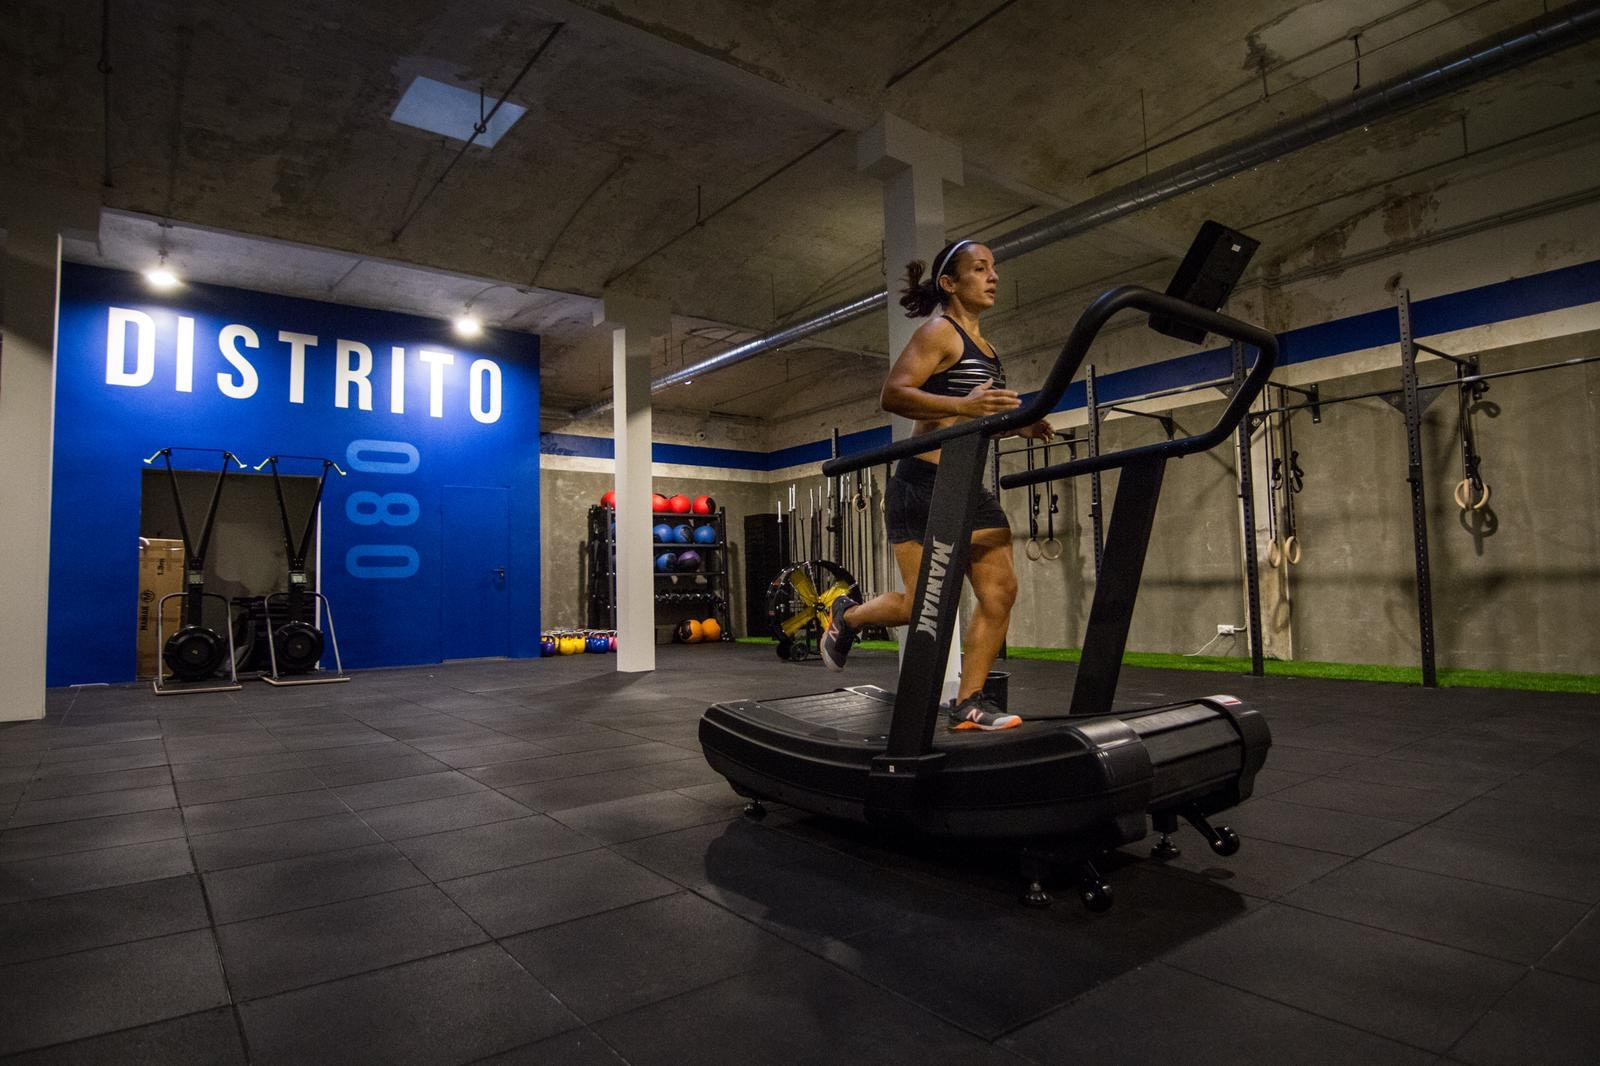 CrossFit distrito 080